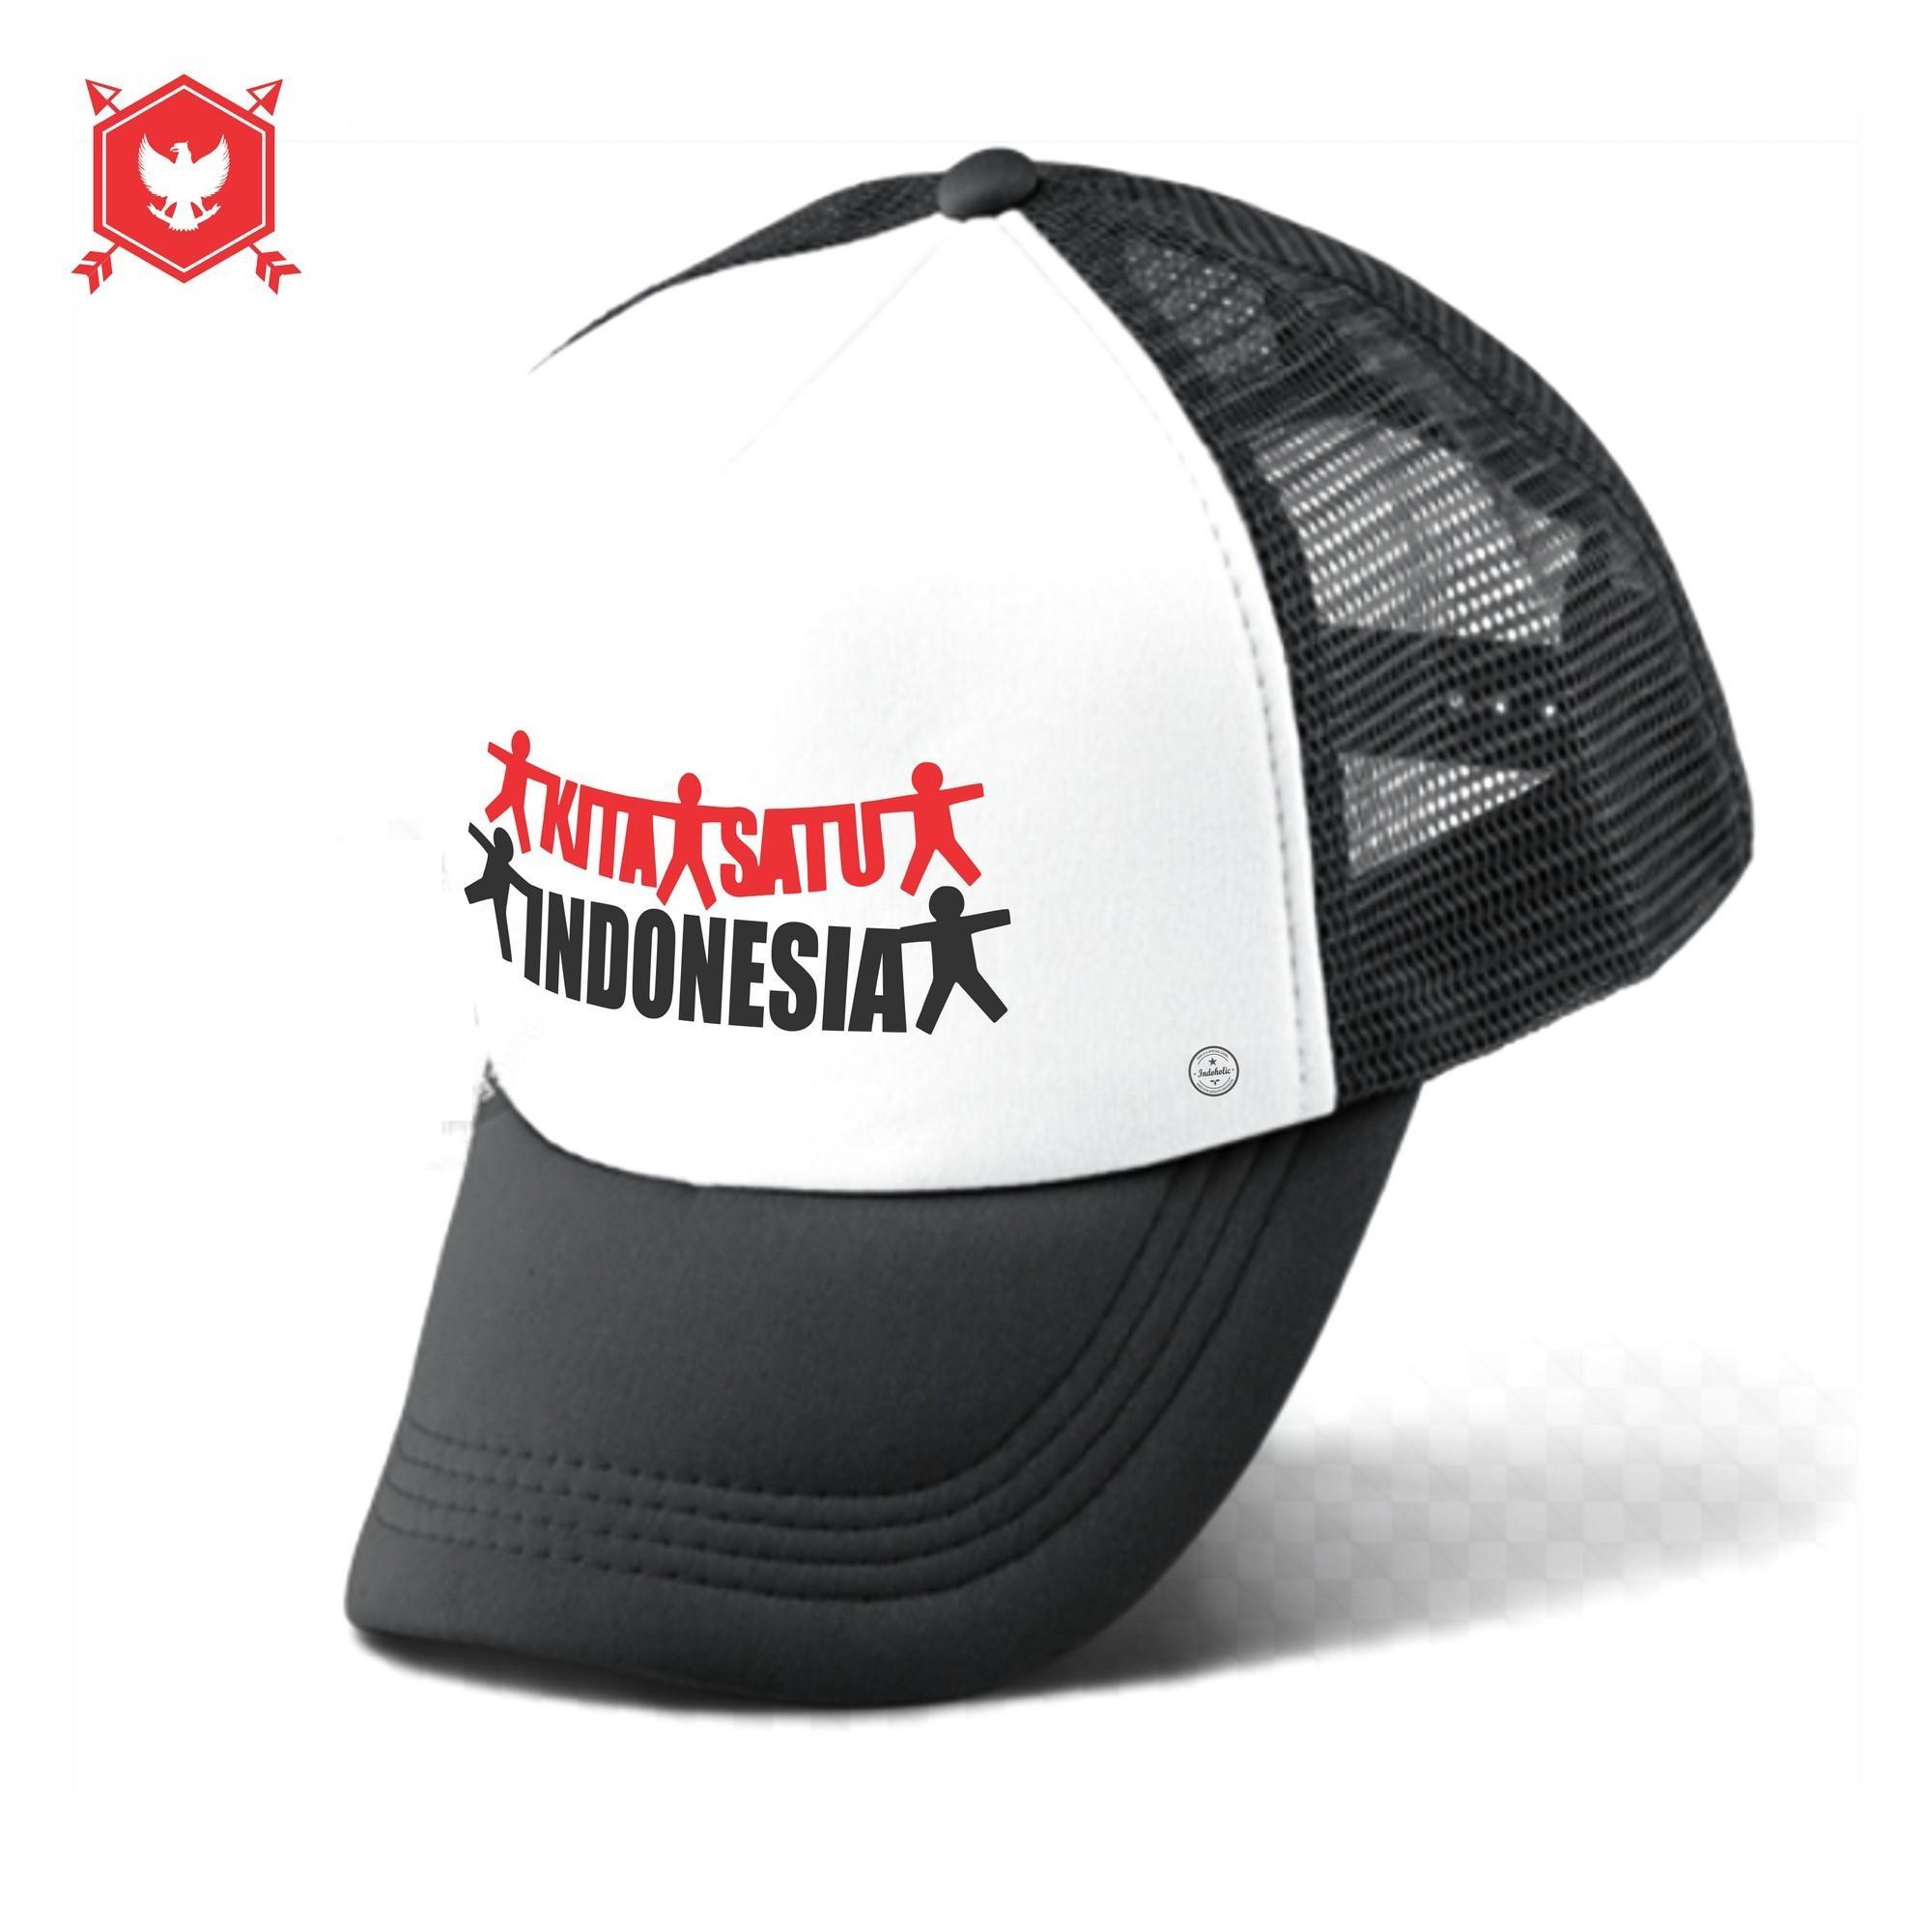 BISA COD Topi pria Topi Trucker Topi distro Premium Branded Original  baseball snapback Topi Jaring 1c0ea0708d